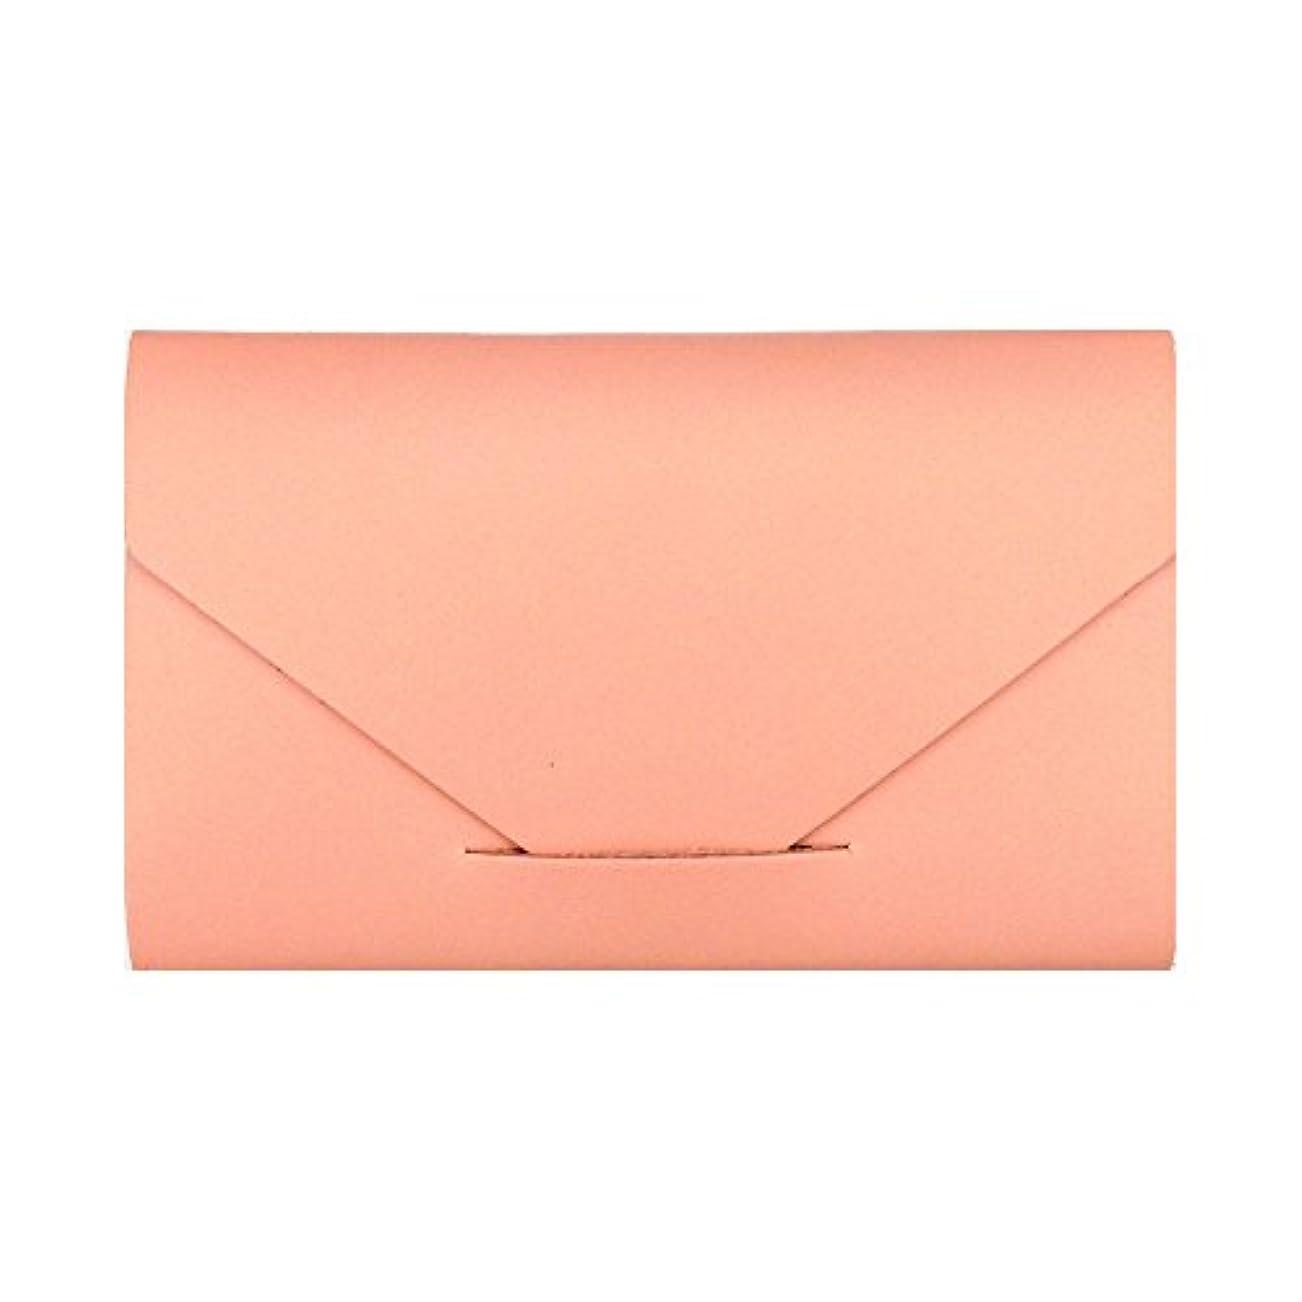 上下する受粉者立派なMODERN AGE TOKYO 2 カードケース(サシェ3種入) ピンク PINK CARD CASE モダンエイジトウキョウツー